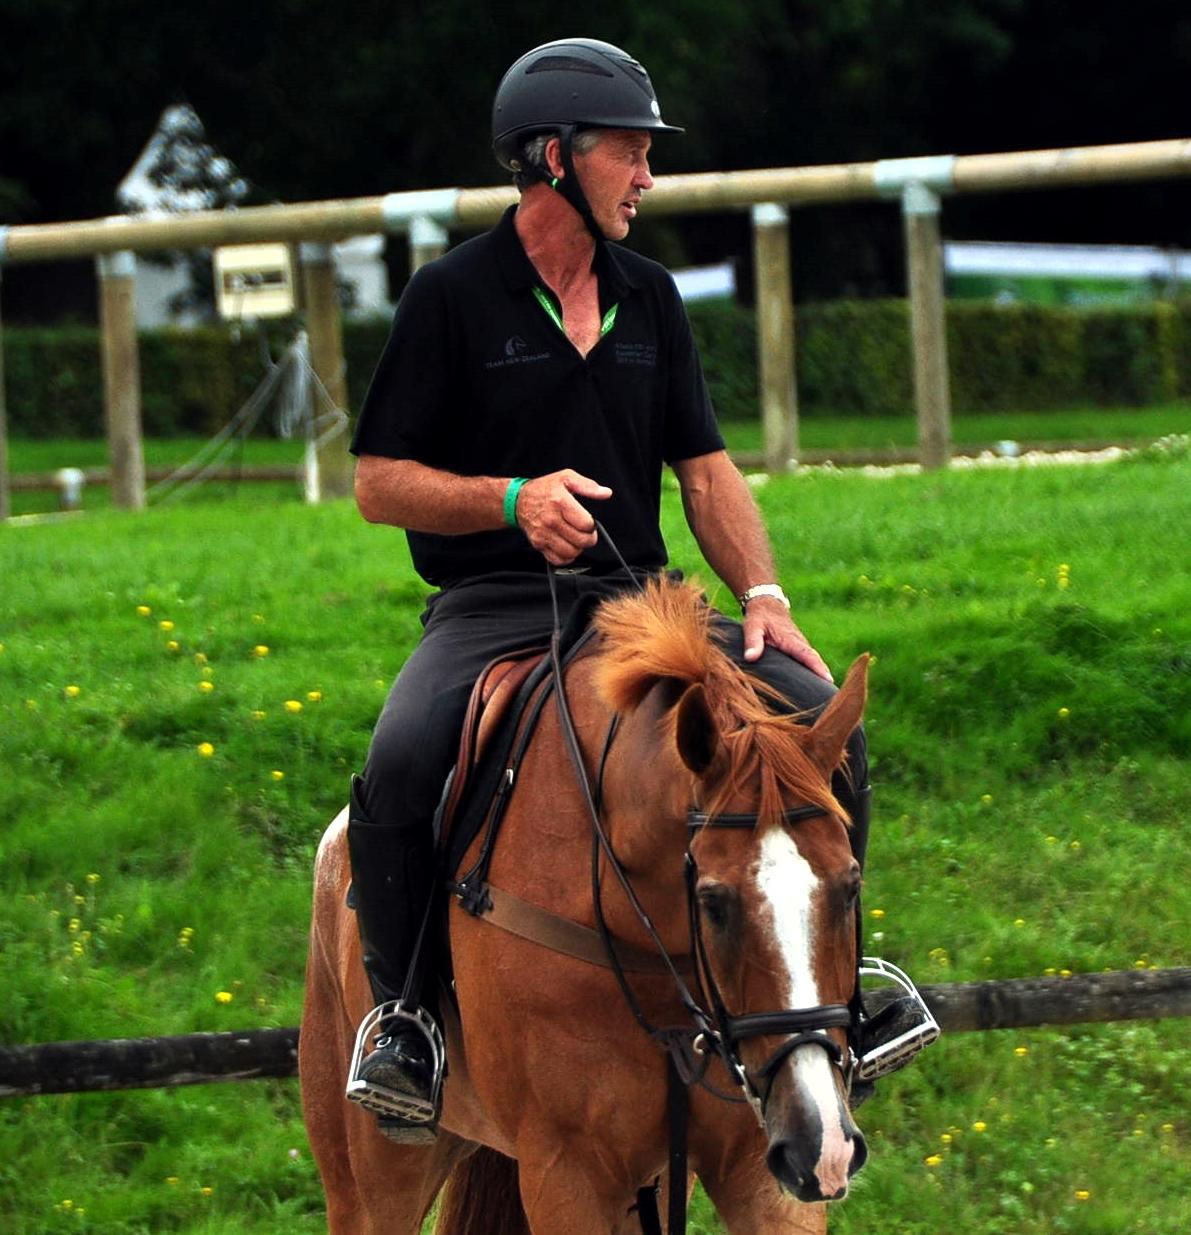 Andrew Nicholson con el caballo de la cría del español Ramón BECA NEREWO (CDE) en los JEM 2014